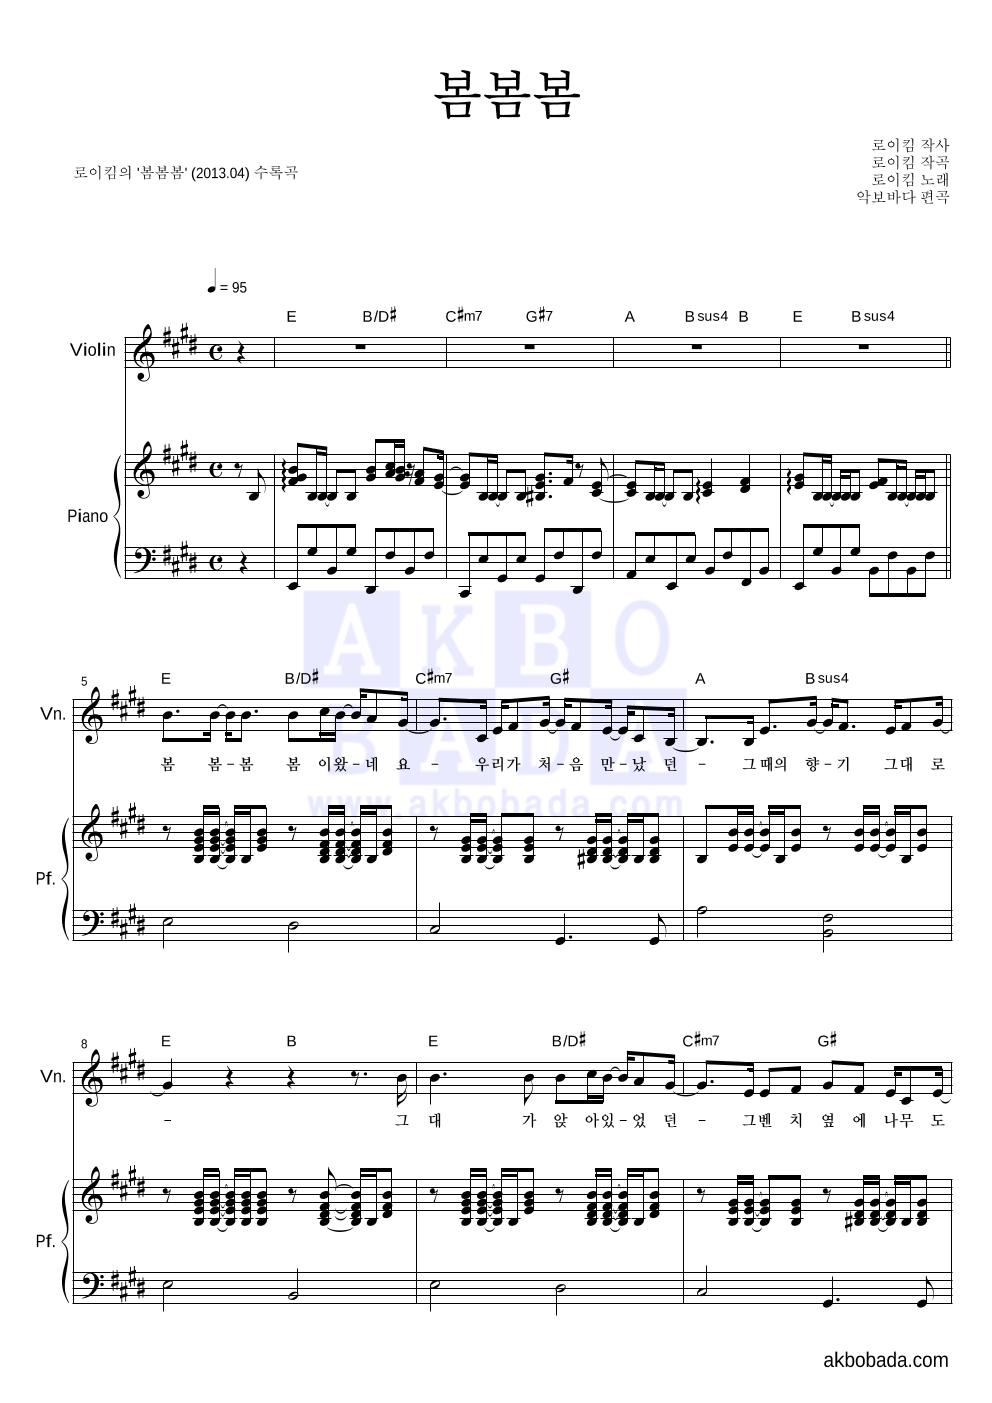 로이킴 - 봄봄봄 바이올린&피아노 악보